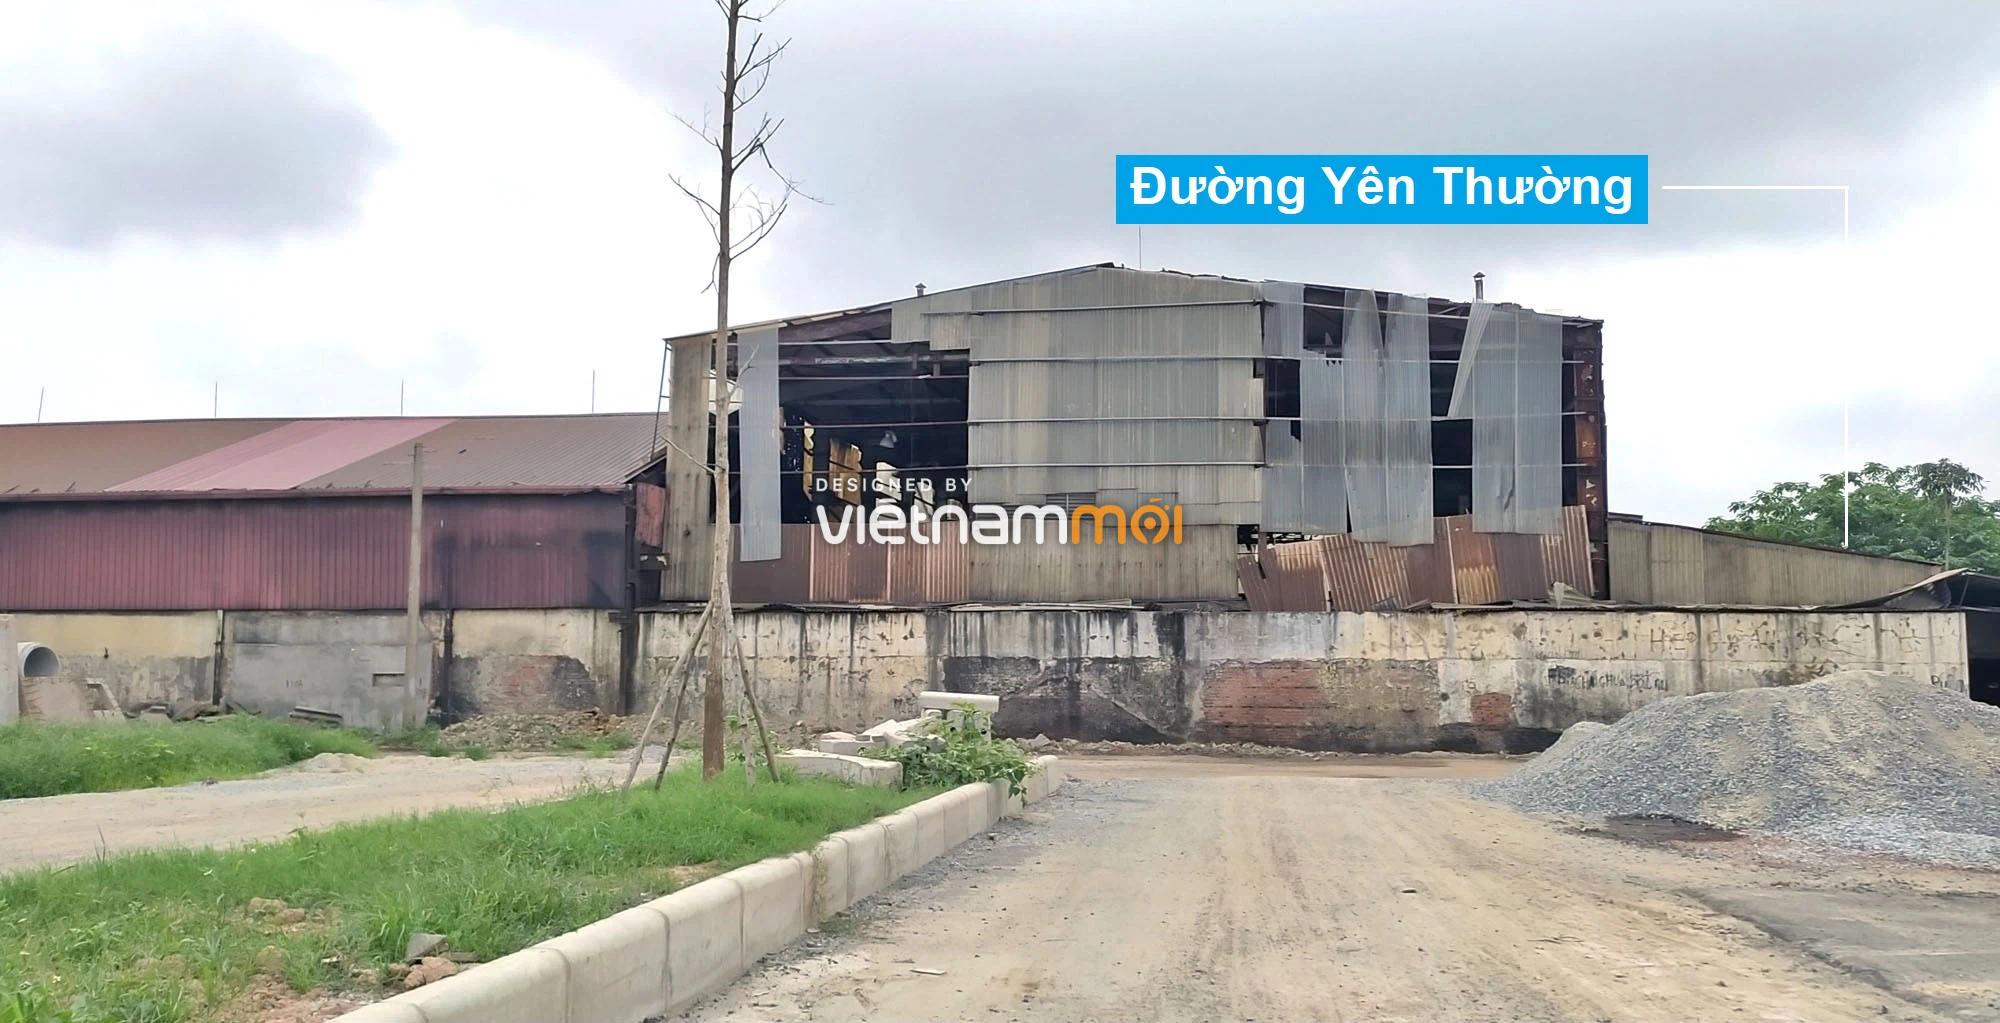 Toàn cảnh tuyến đường 40 m qua xã Yên Viên, Yên Thường đang mở theo quy hoạch ở Hà Nội - Ảnh 3.